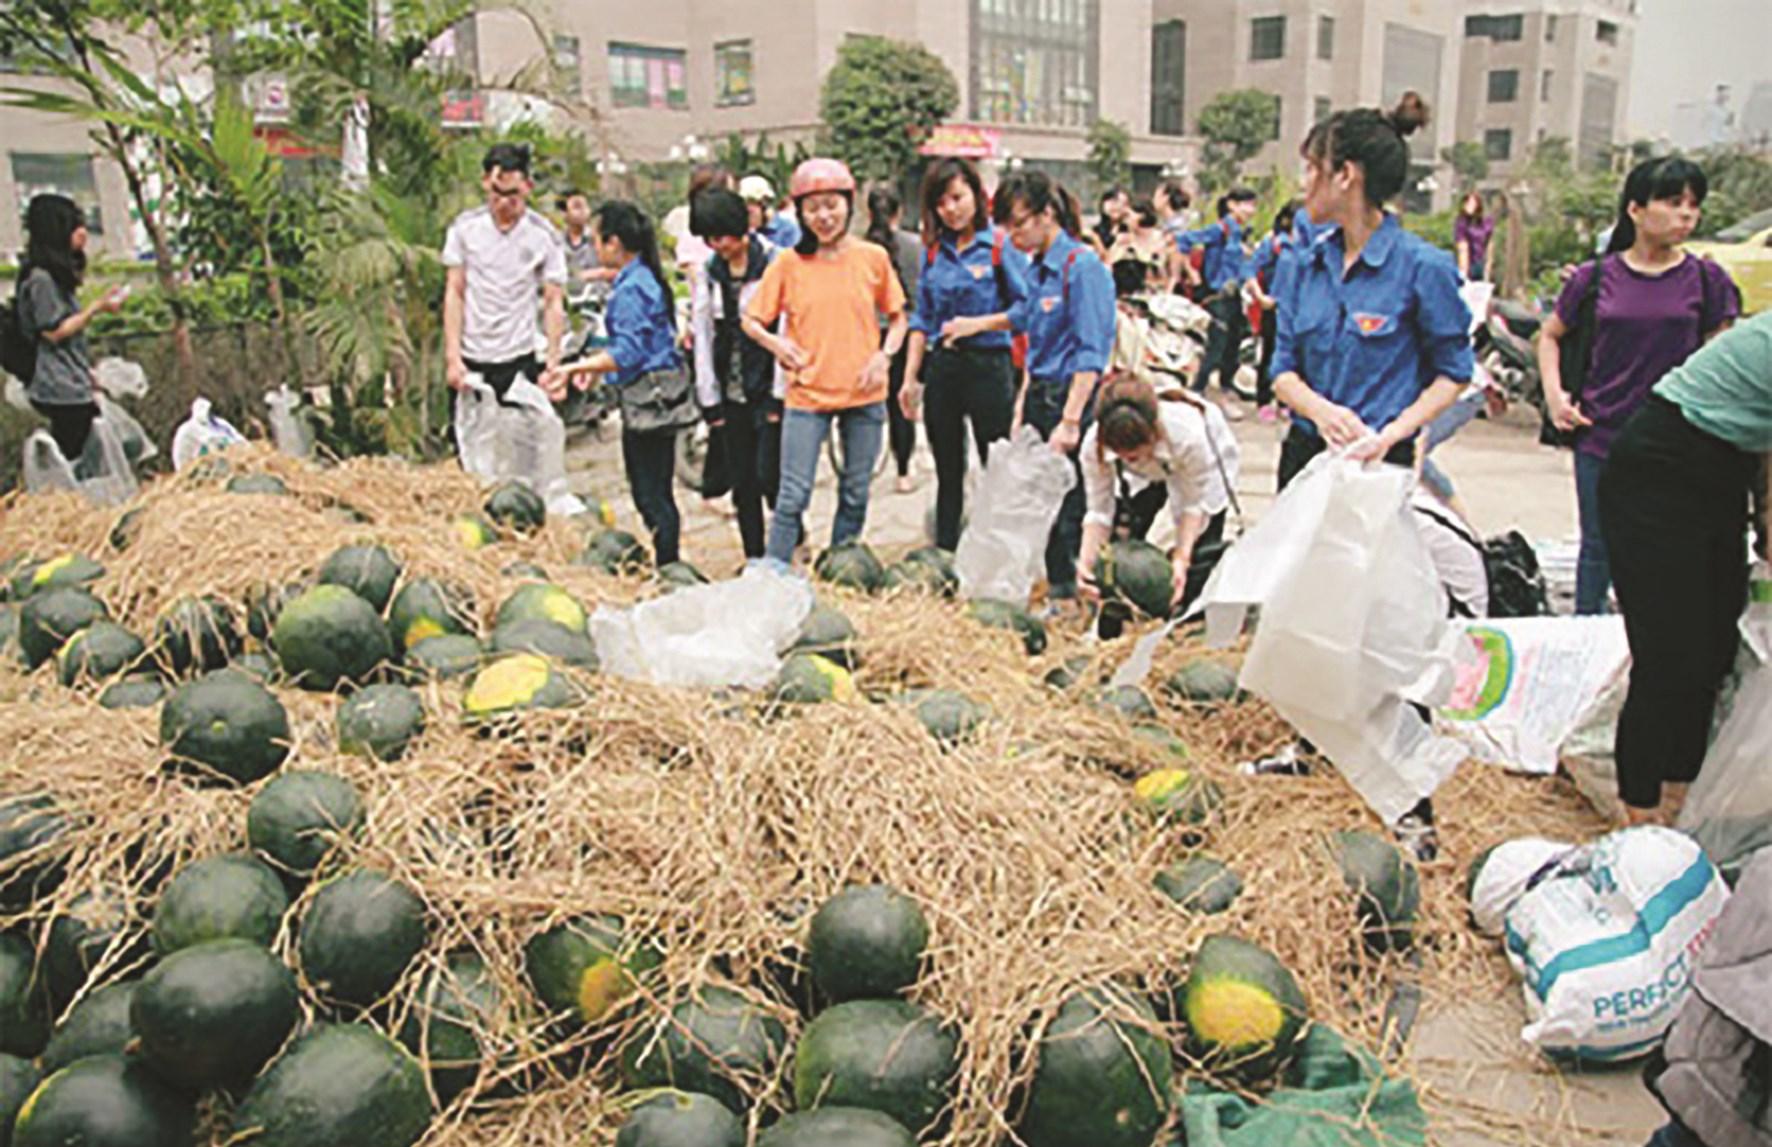 """Khó khăn trong tiêu thụ nông sản thời Covid-19 sẽ giúp Việt Nam nhìn nhận lại trong việc xây dựng nền nông nghiệp tự chủ với tầm nhìn dài hạn .(Trong ảnh: Người dân """"giải cứu"""" dưa hấu). Ảnh tư liệu"""